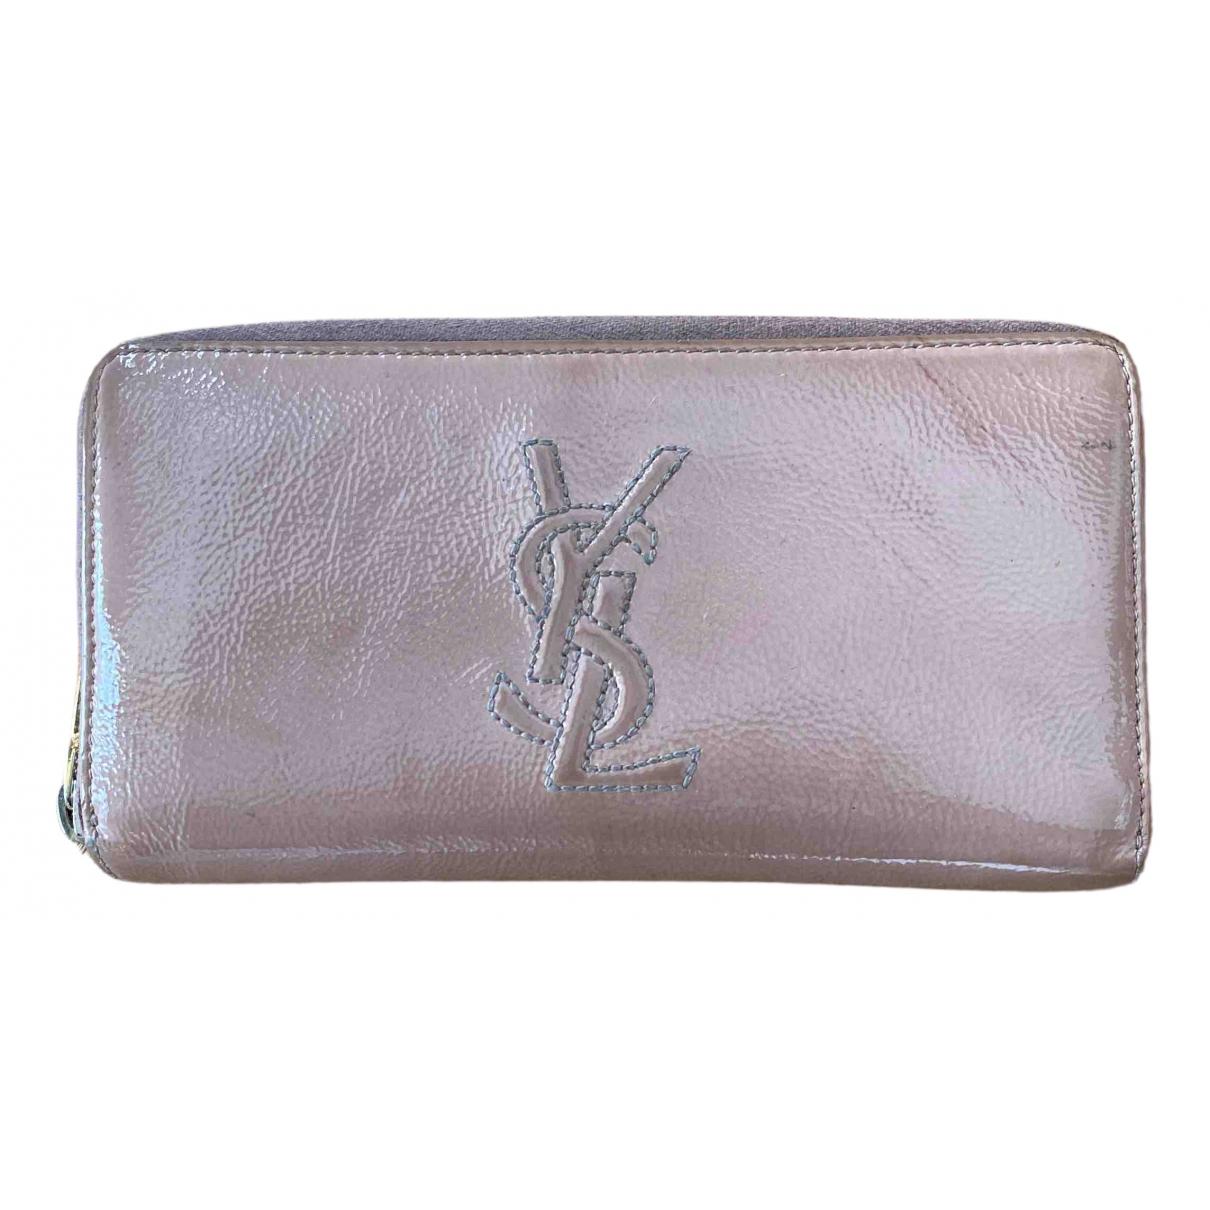 Yves Saint Laurent Belle de Jour Pink Patent leather wallet for Women \N